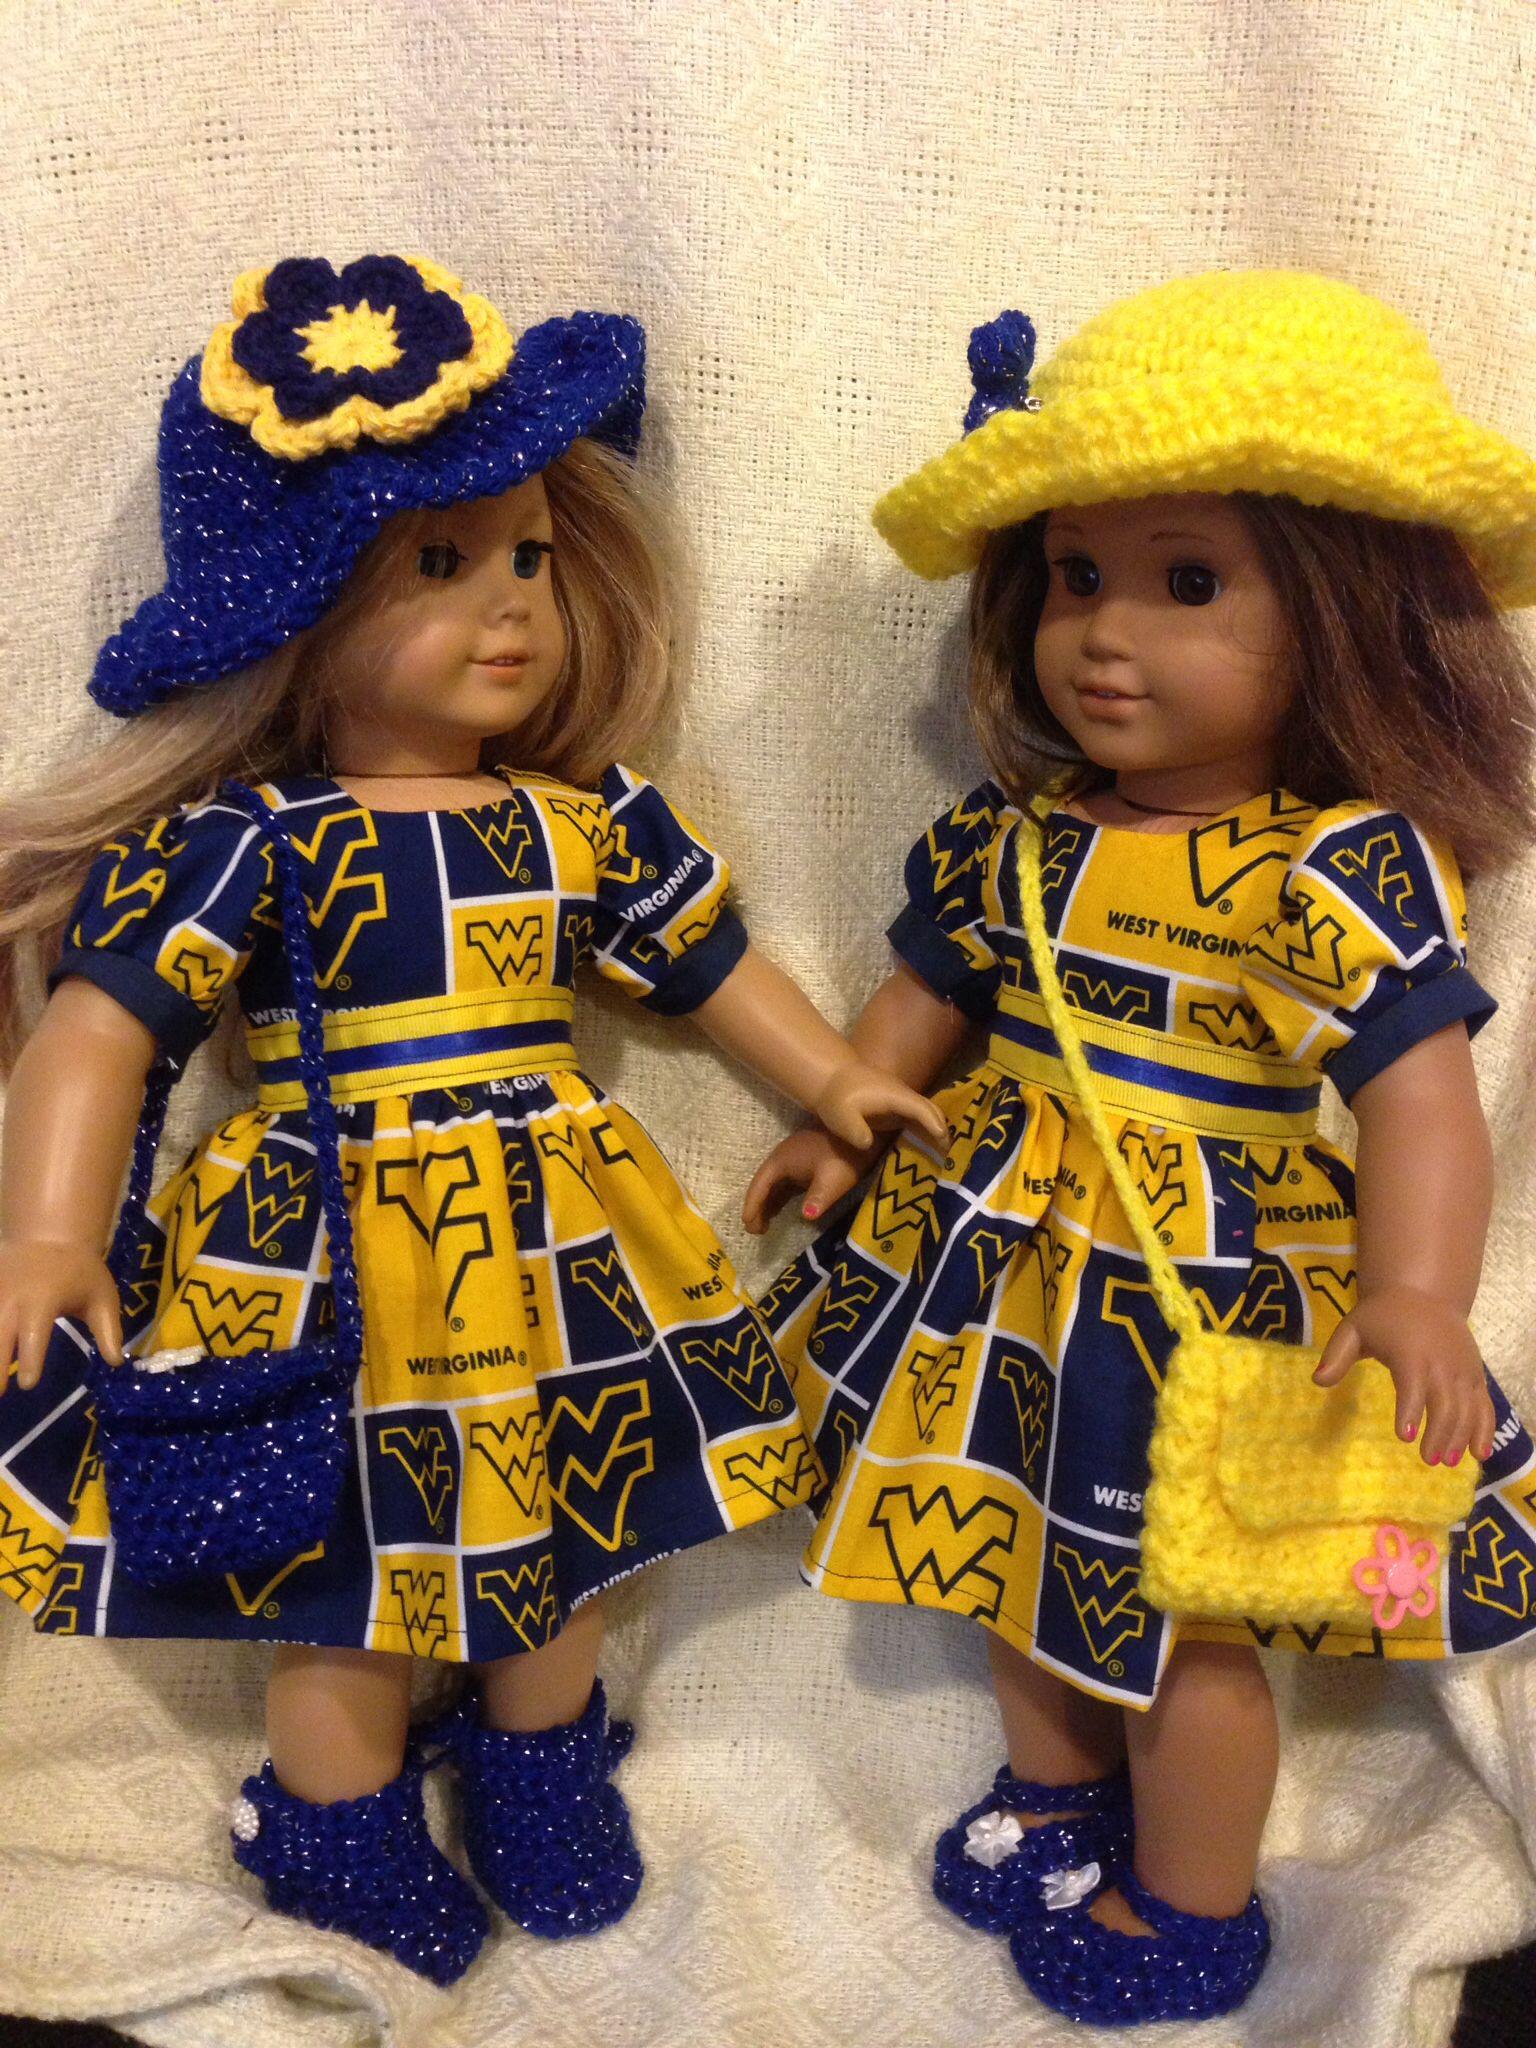 WVU american girl doll